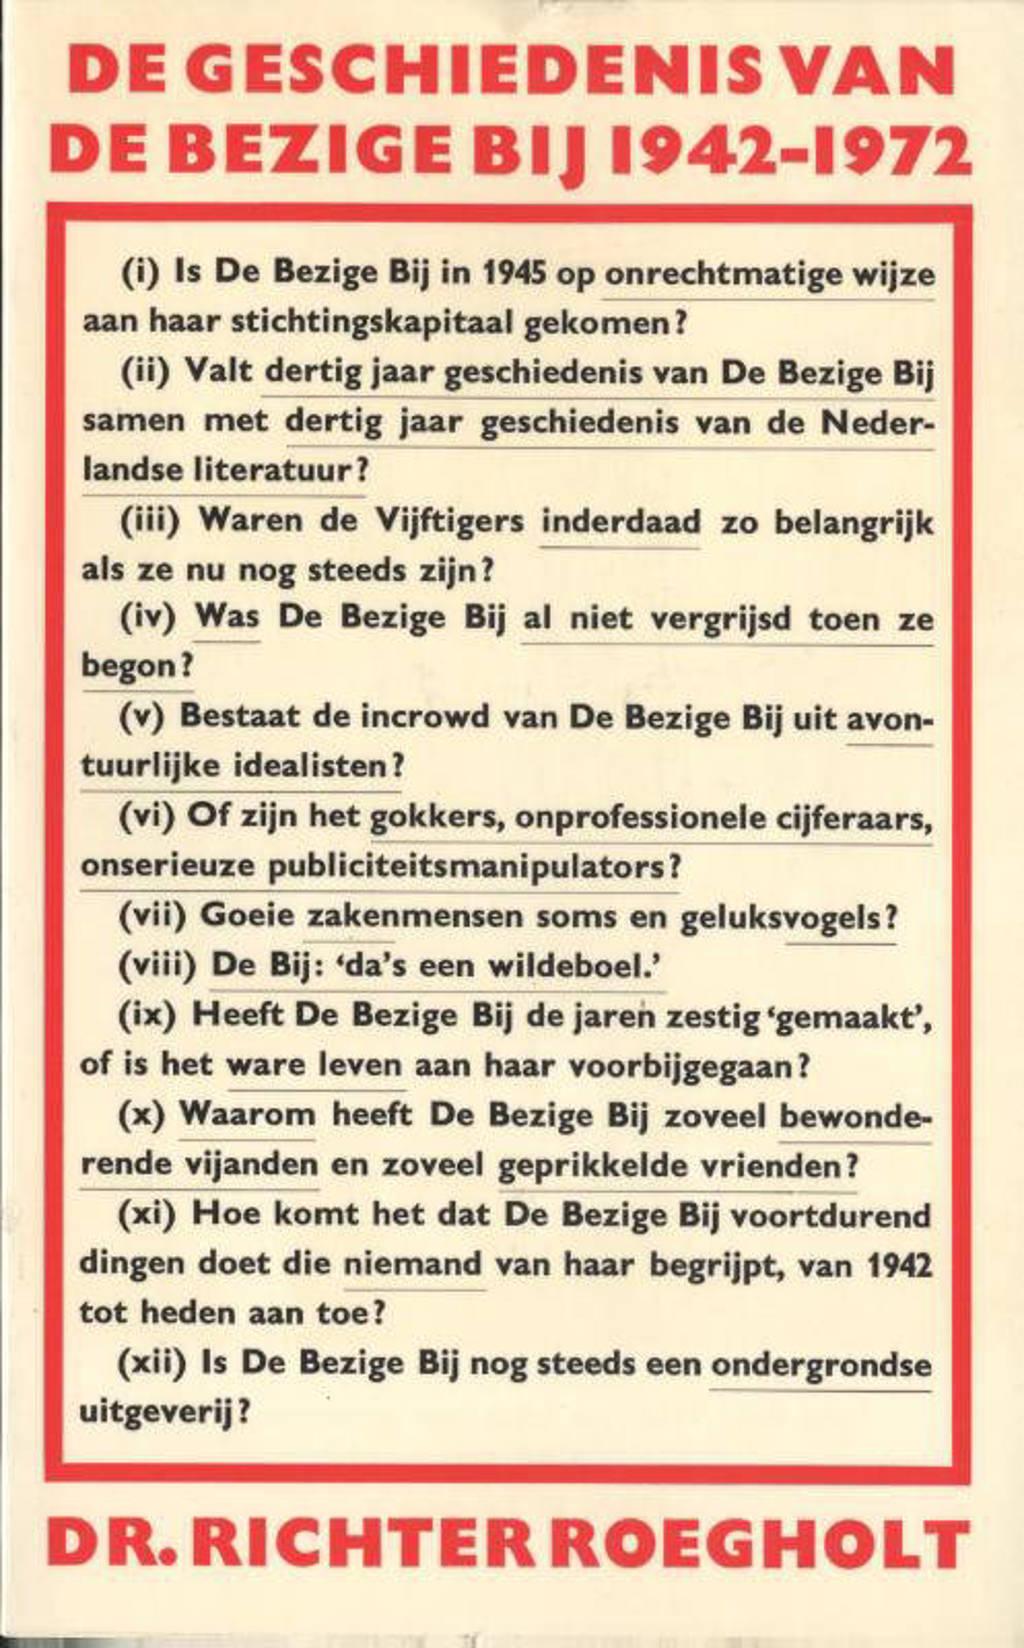 De geschiedenis van De Bezige Bij, 1942-1972 - R. Roegholt